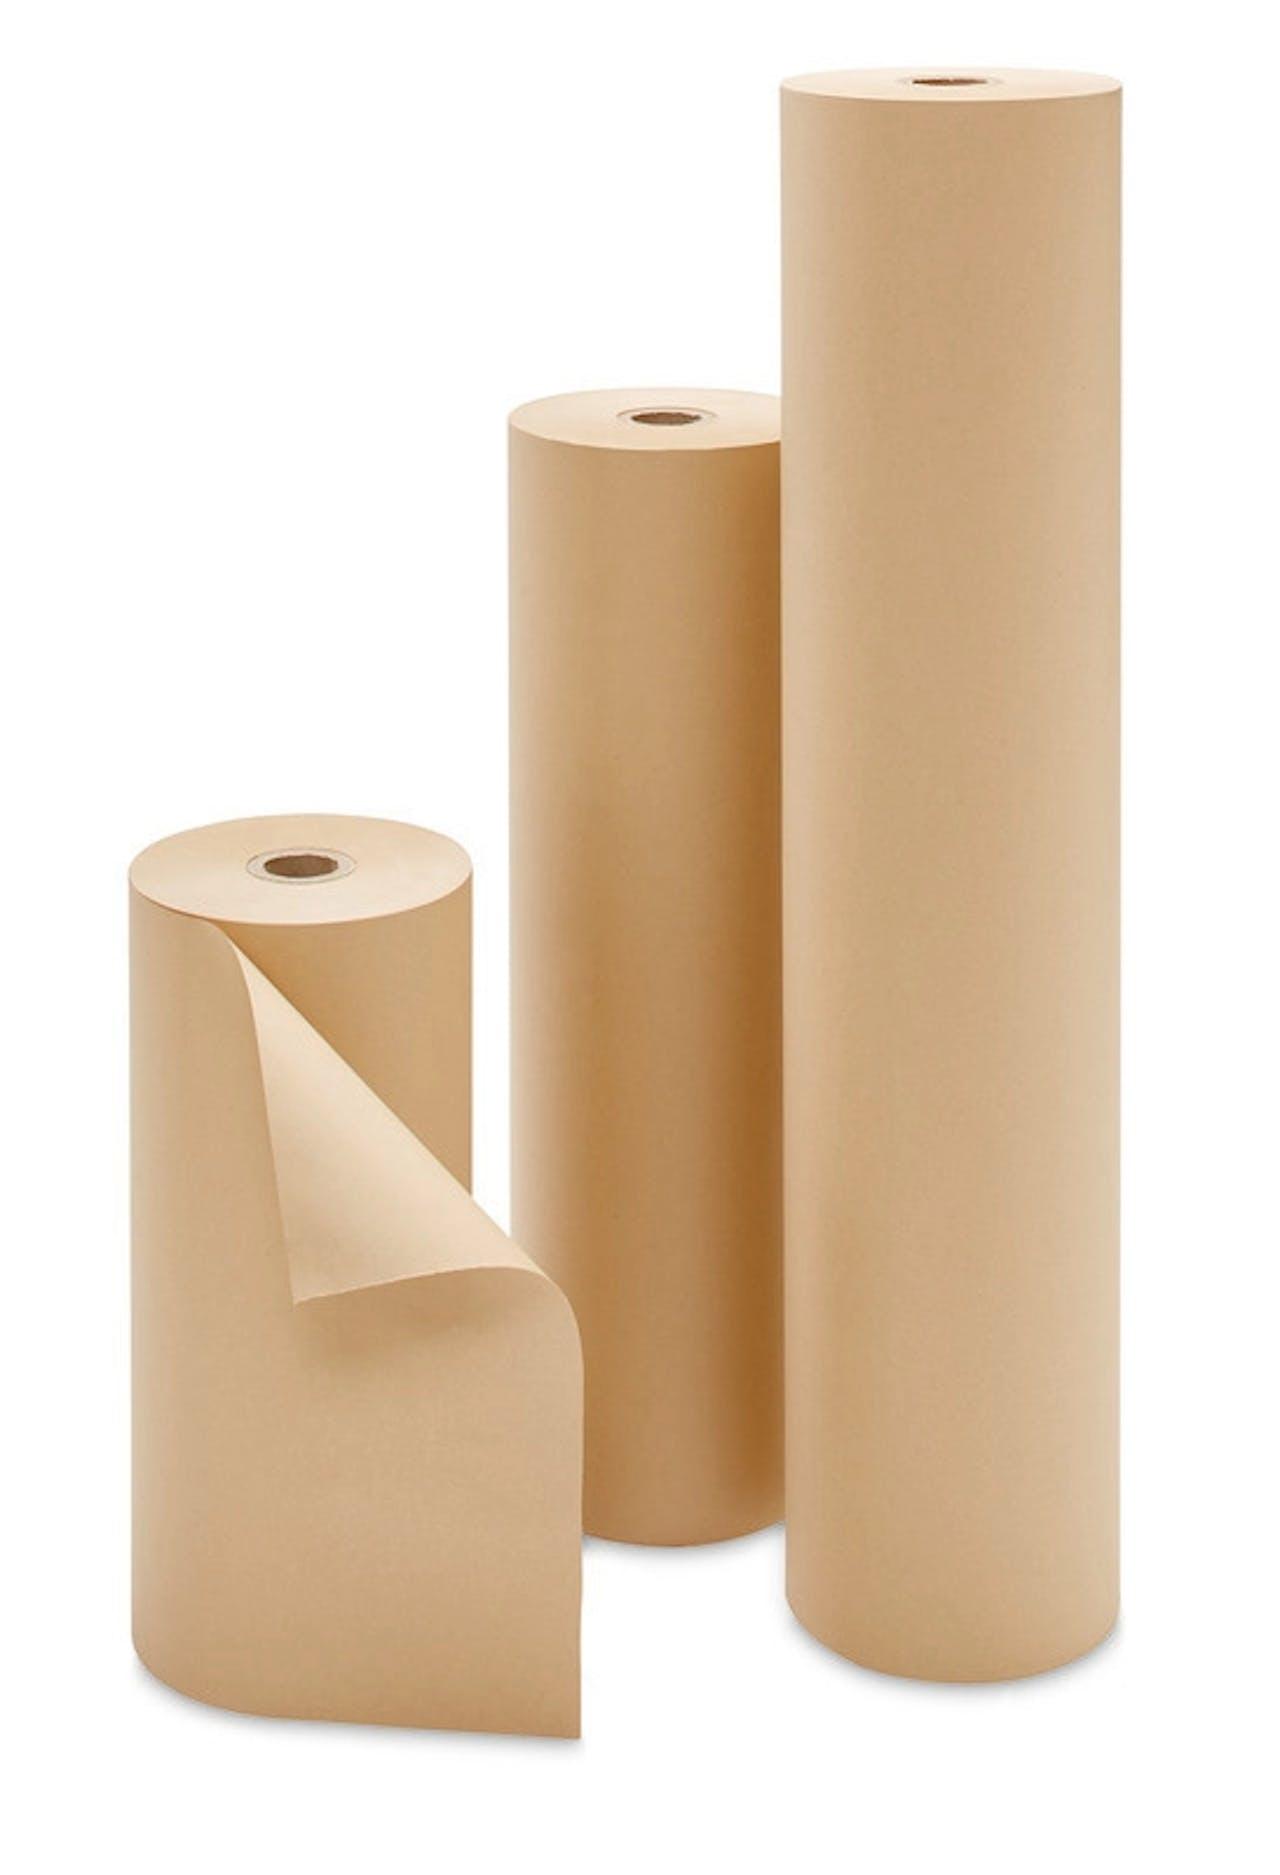 Papier d'emballage en rouleau ECONOMY